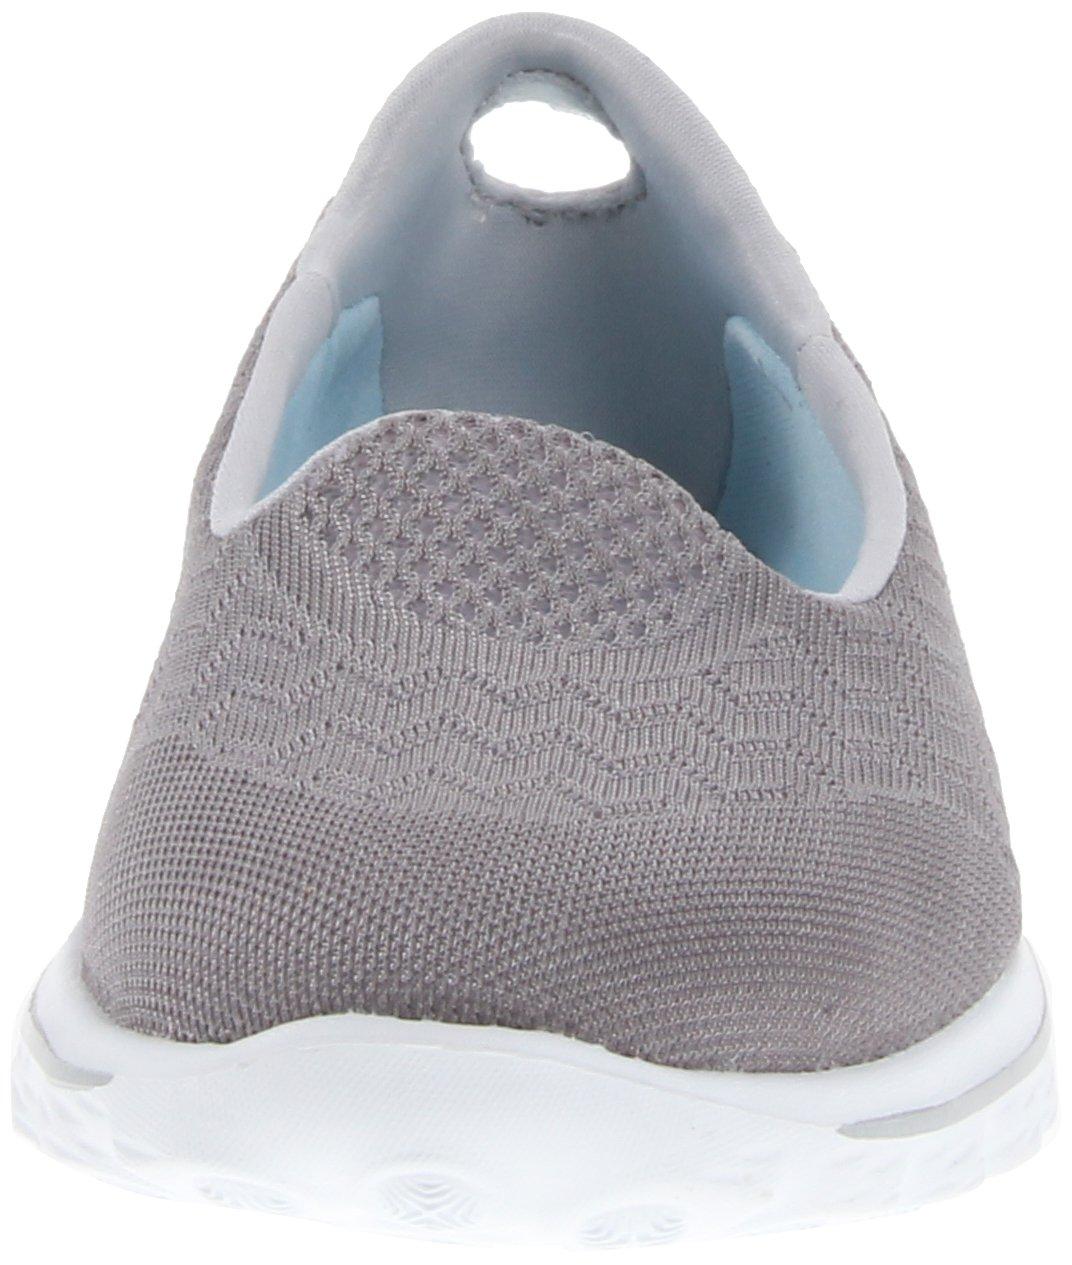 f9ca72aba929 ... Skechers Sneaker Performance Women s Go Walk 2-Axis Fashion Sneaker  Skechers B00E9CBPFO 5.5 B( ...